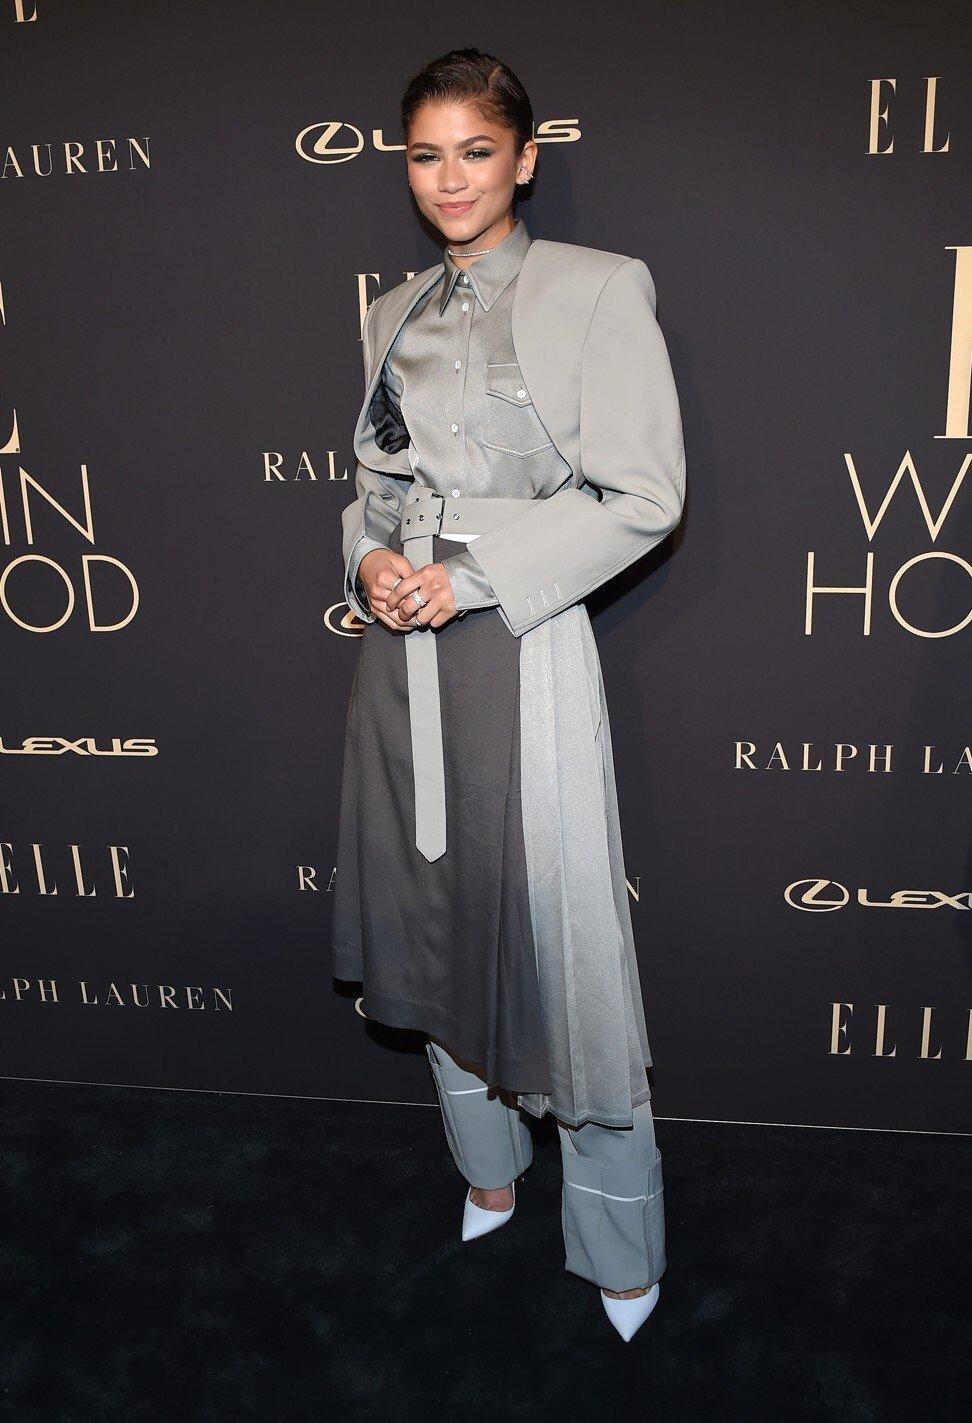 Nữ diễn viên Zendaya diện một mẫu thiết kế của Do, tại sự kiện Elle Women in Hollywood năm 2019. (Ảnh: SCMP)